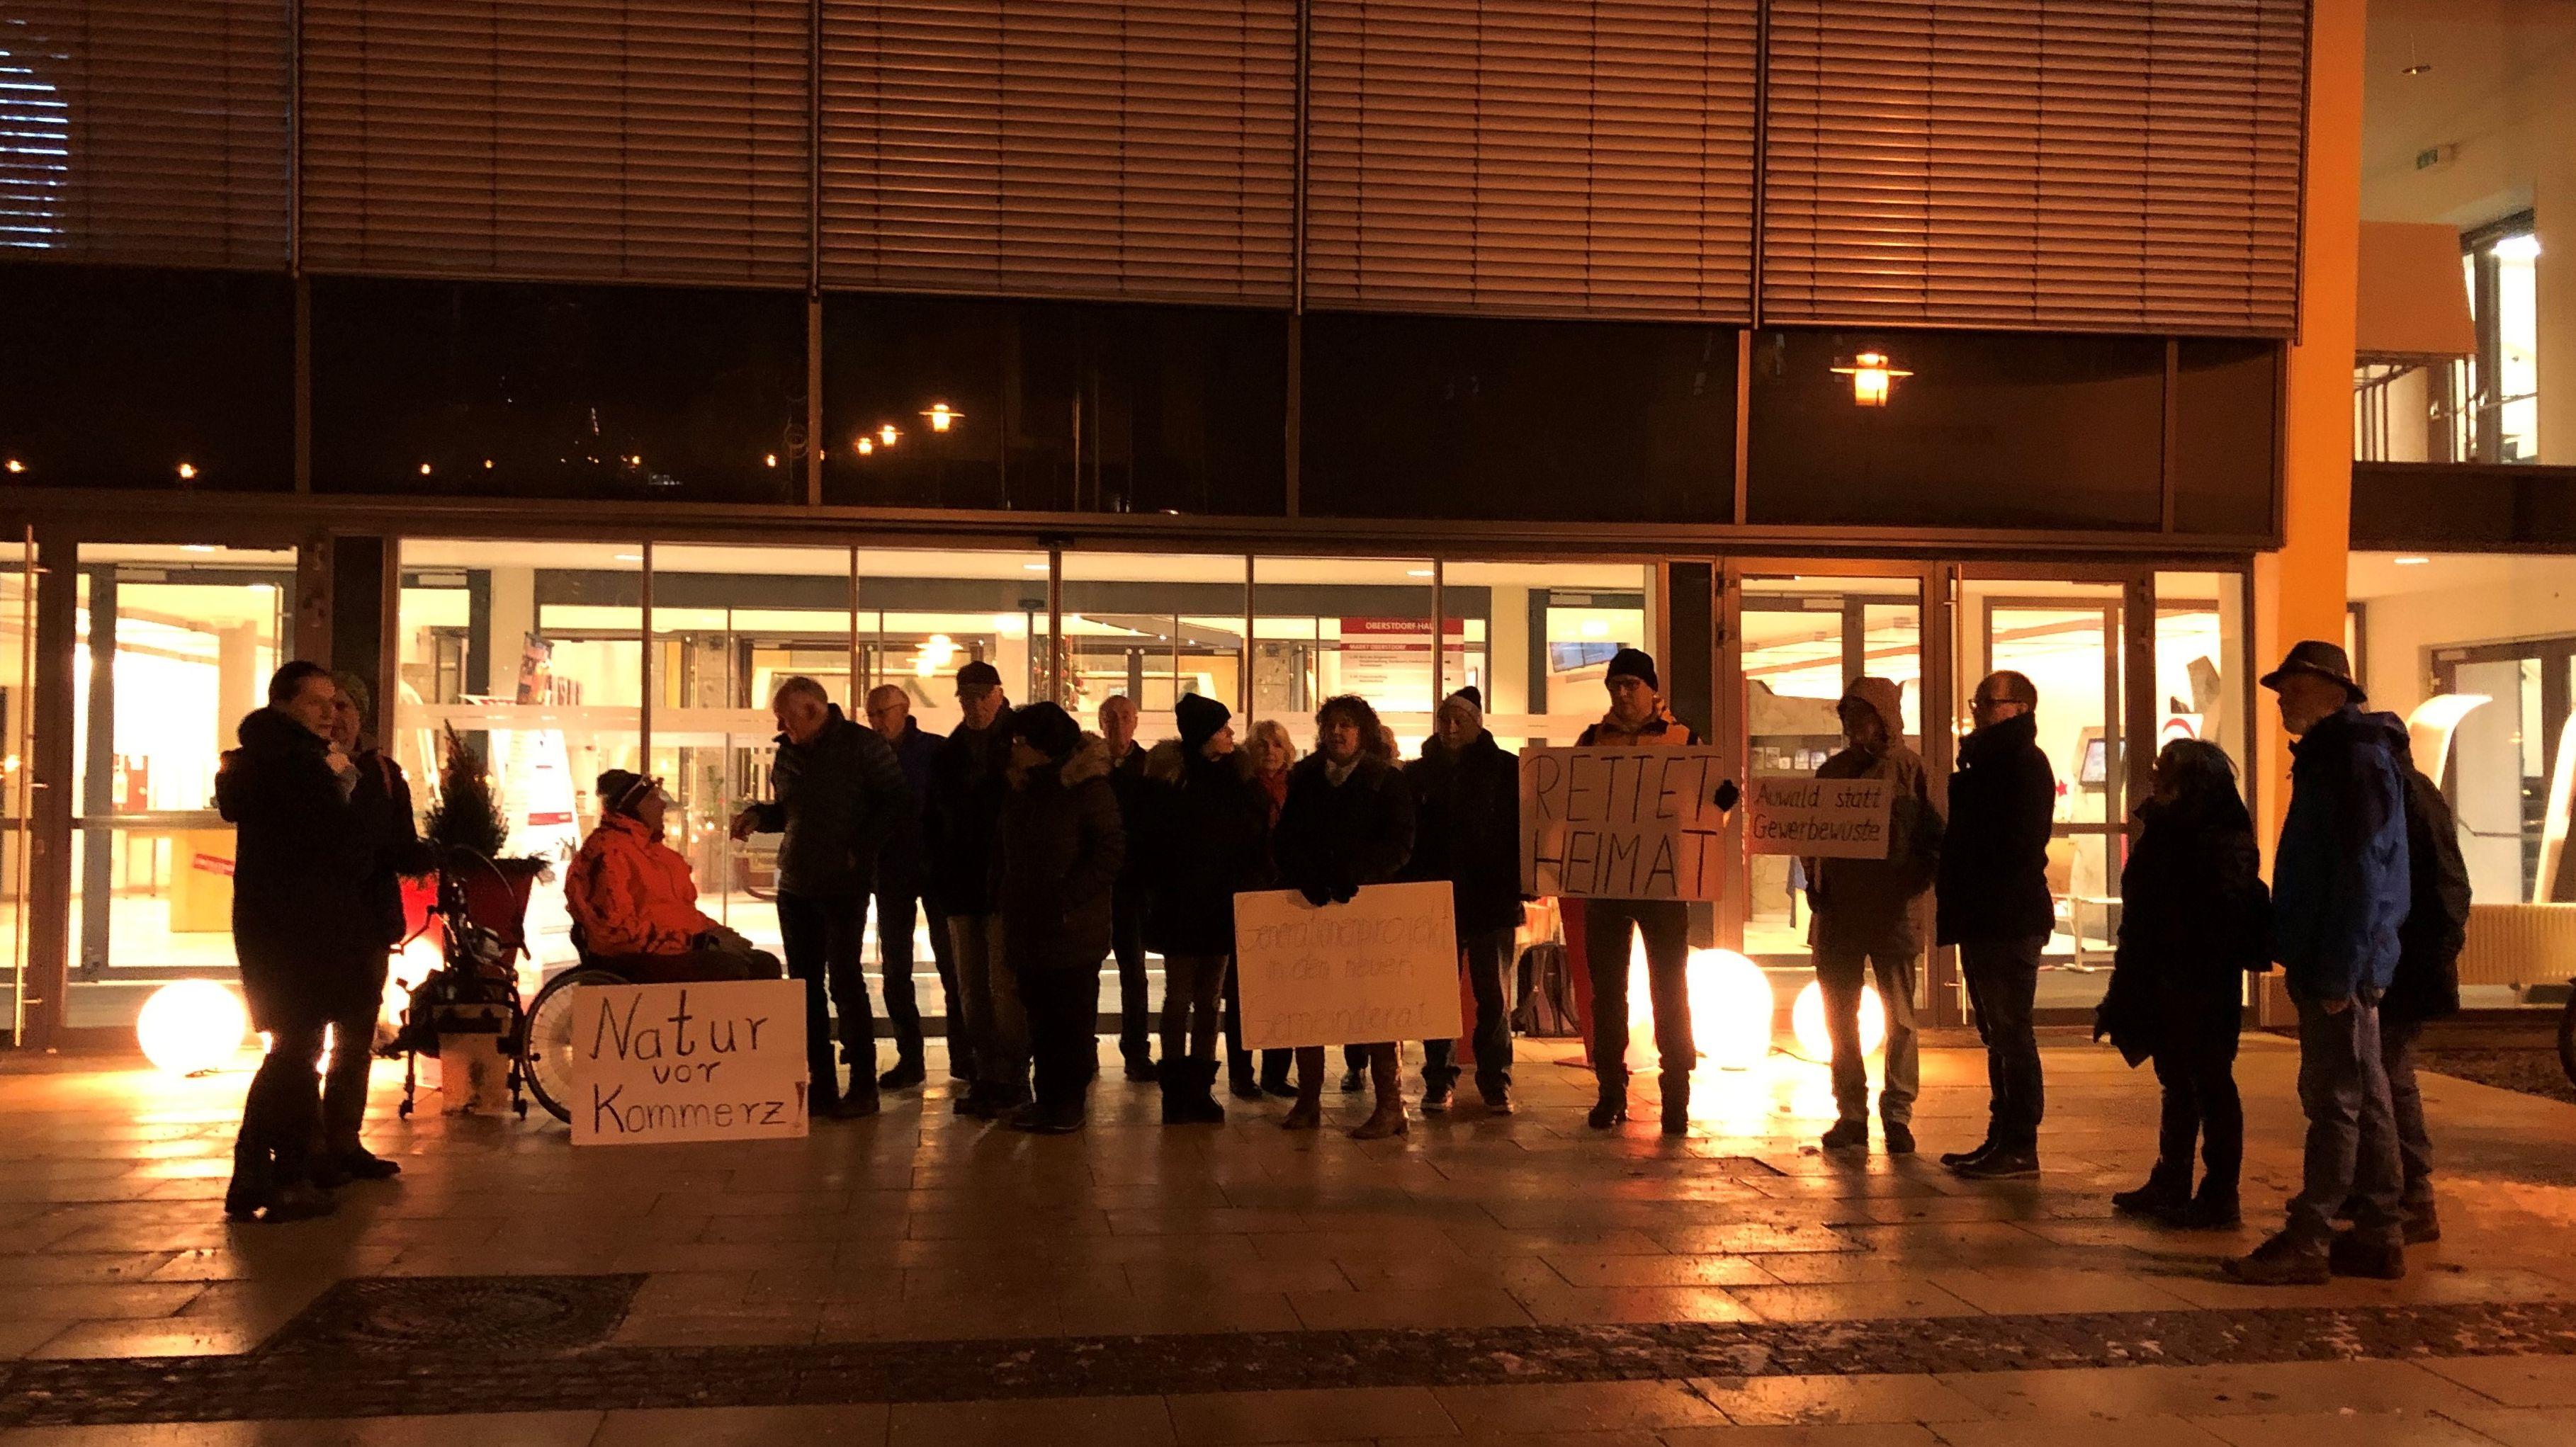 Mitglieder der Bürgerinitiative StopKarweidach demonstrierten gegen das geplante Gewerbegebiet.